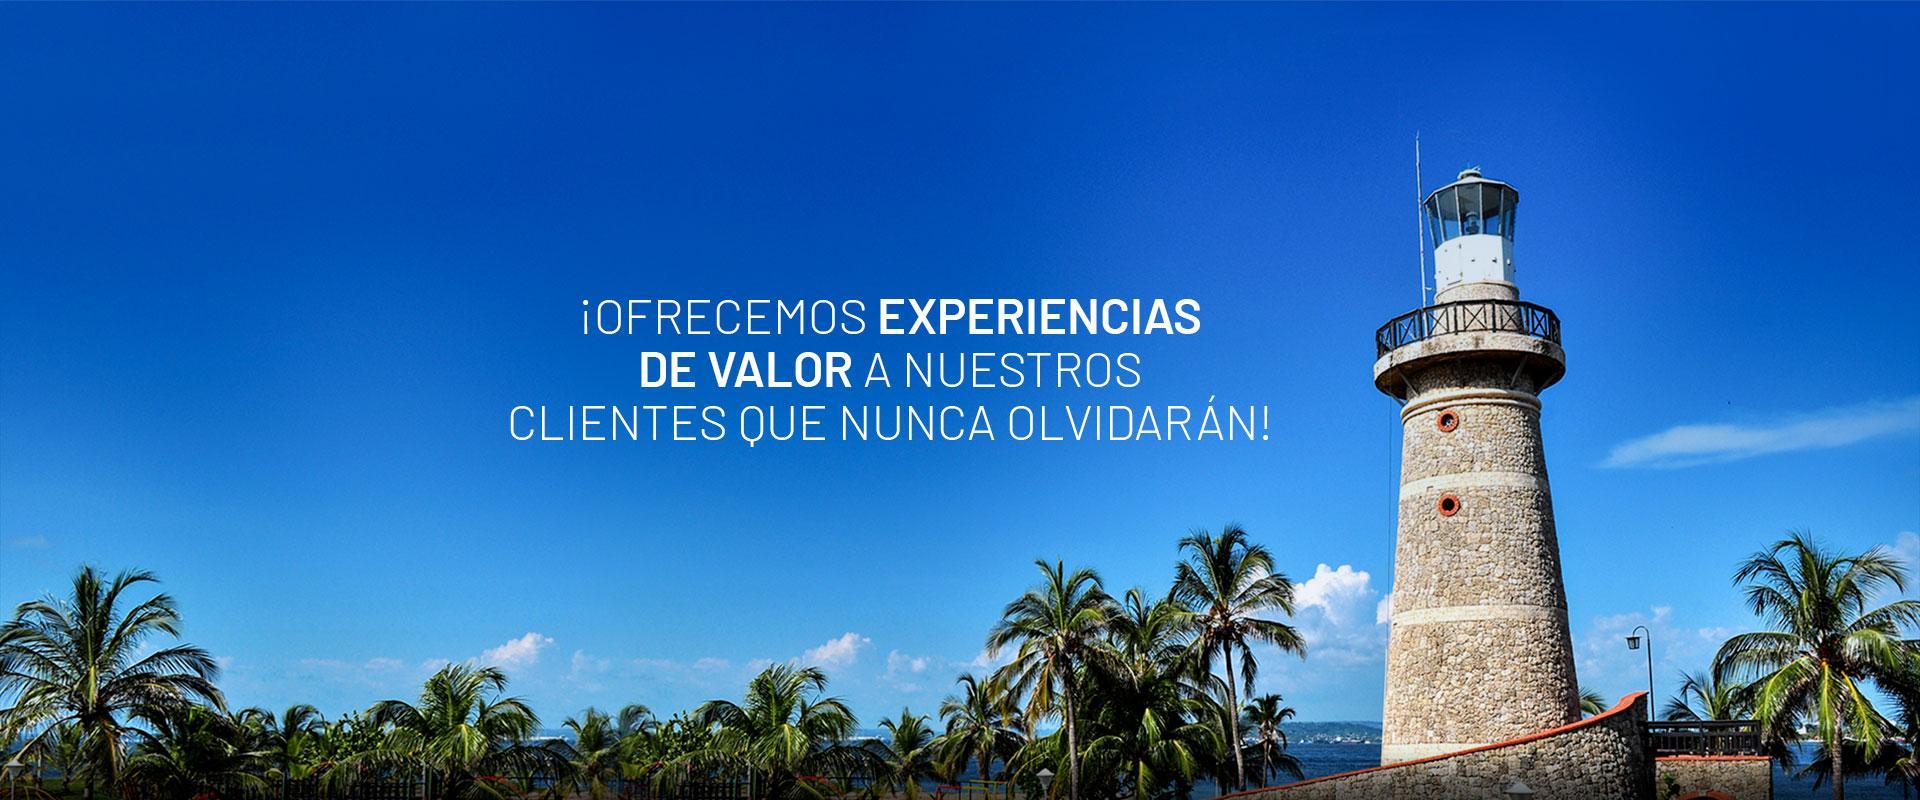 Ofrecemos experiencias de valor - Club Naval Cartagena